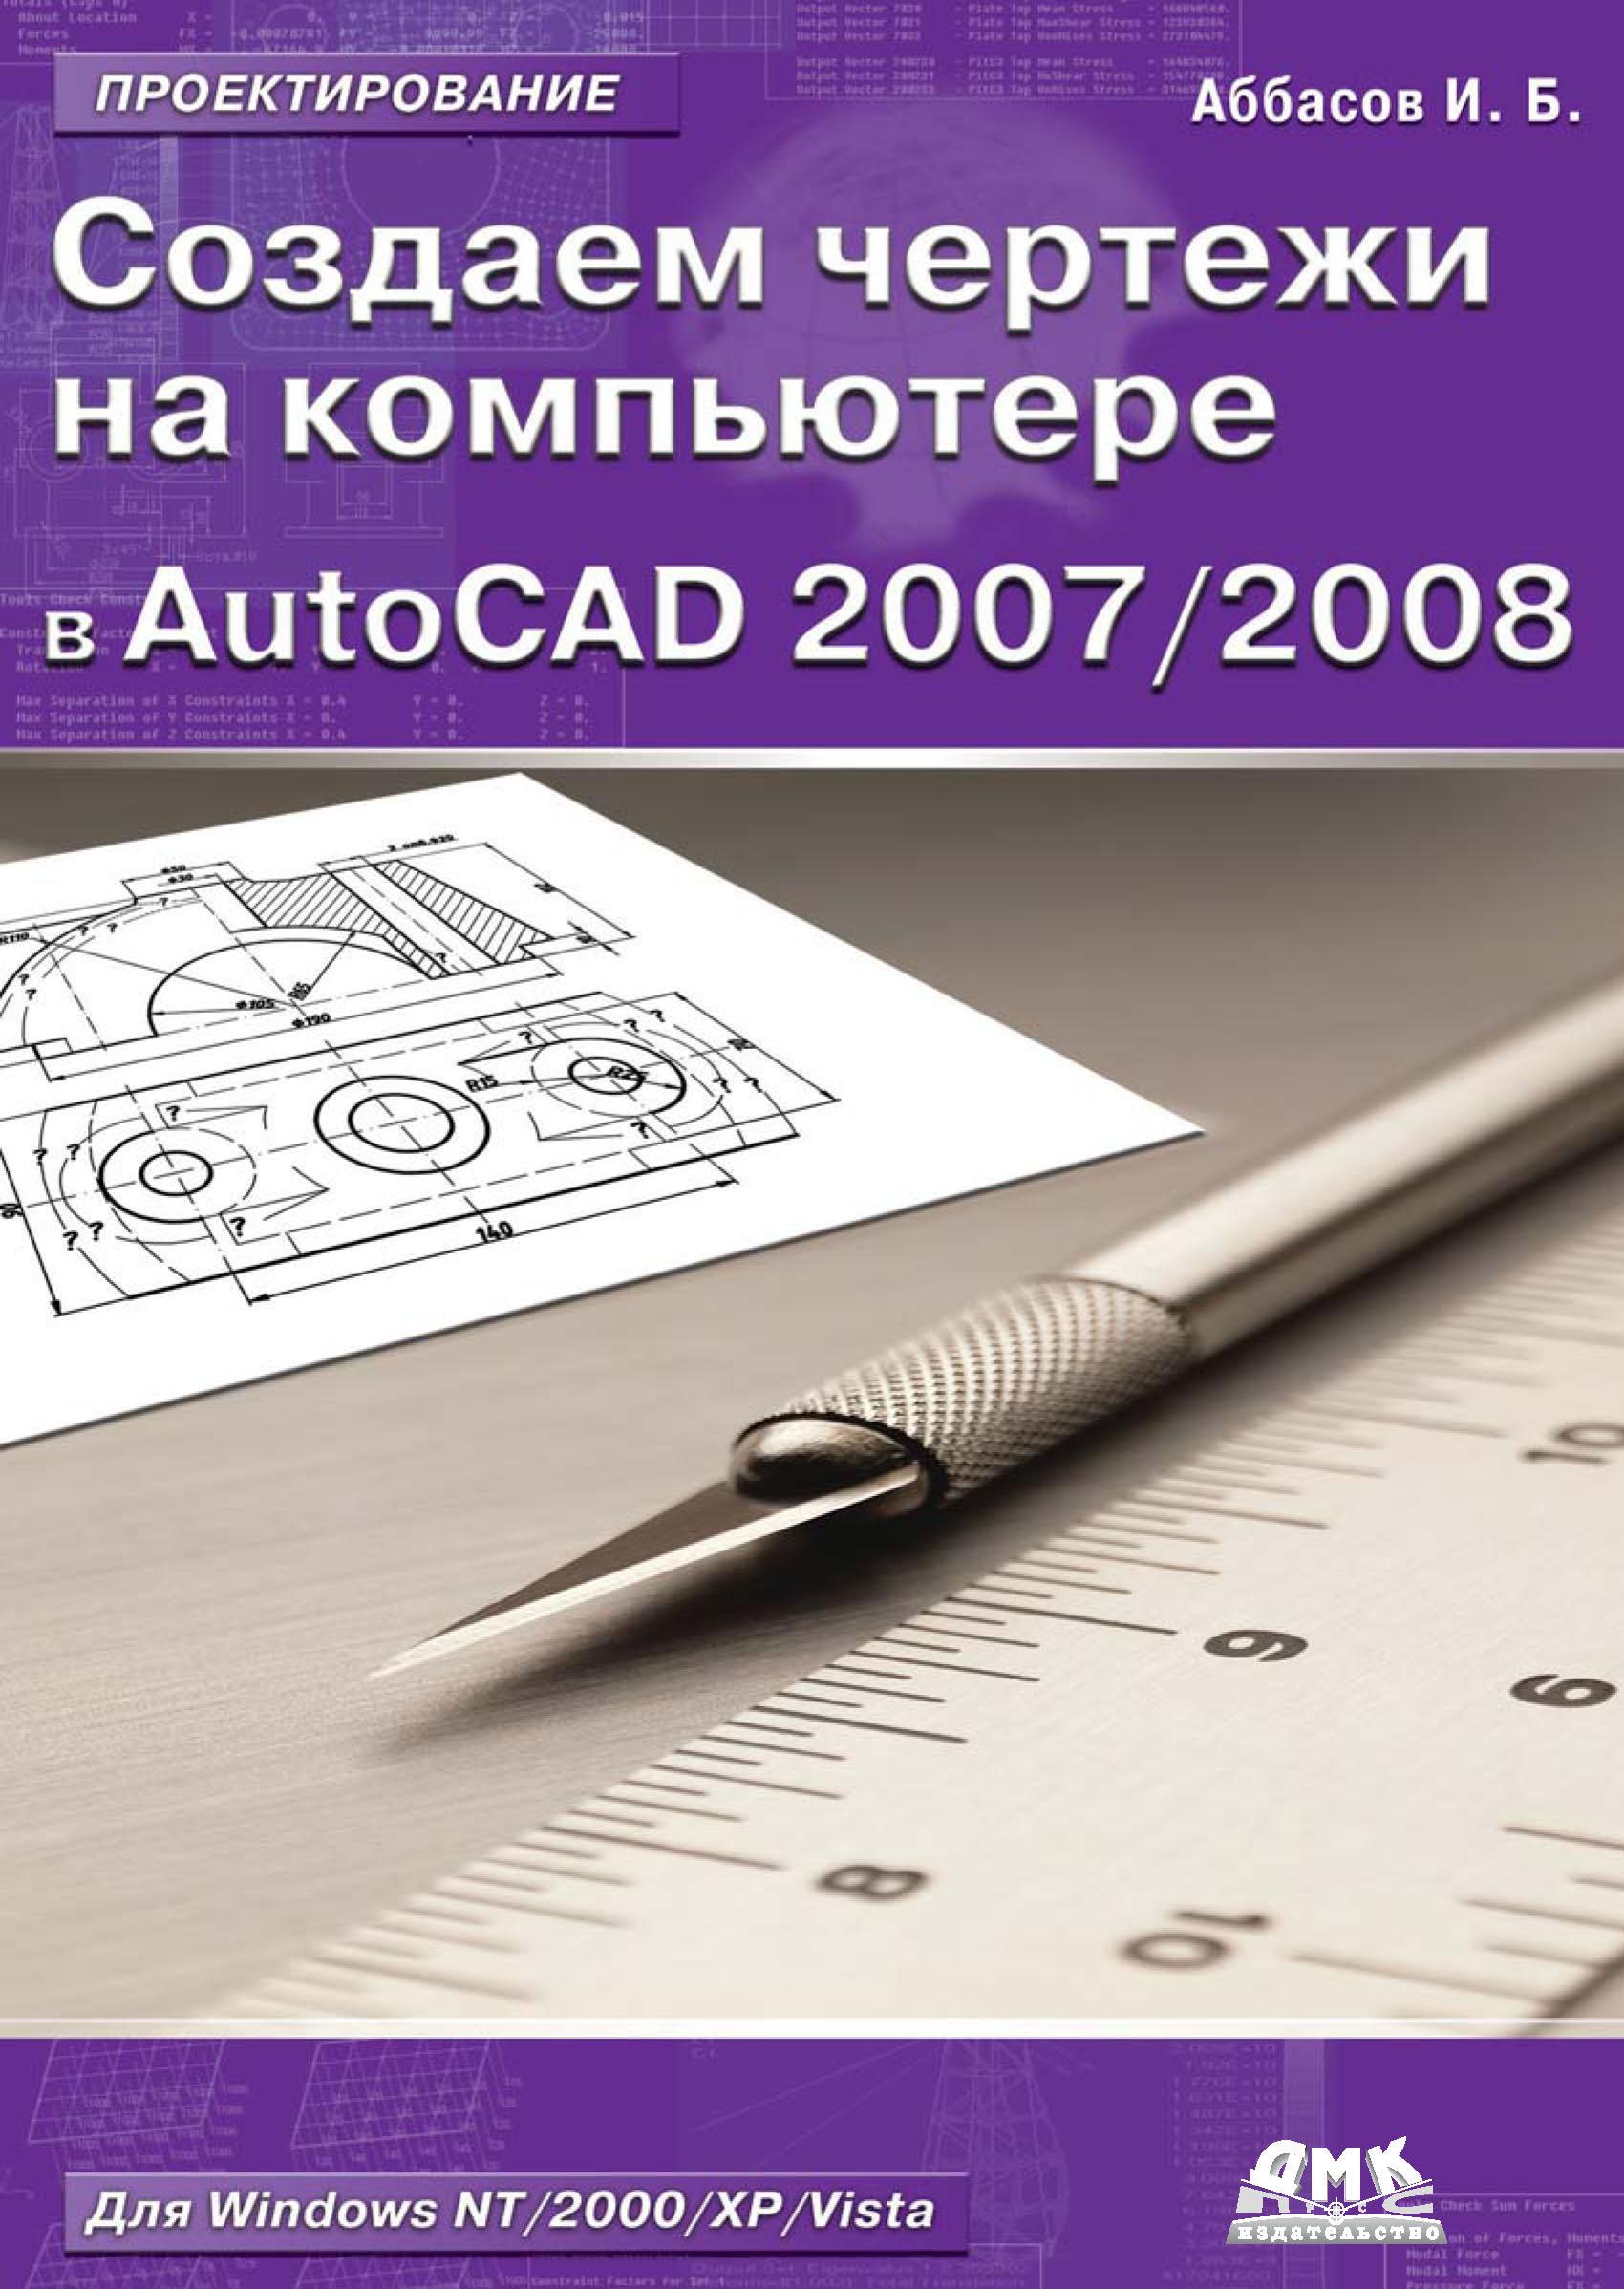 И. Б. Аббасов Создаем чертежи на компьютере в AutoCAD 2007/2008: учебное пособие панфилов игорь autocad 2007 с нуля русская и английская версии учебное пособие cd